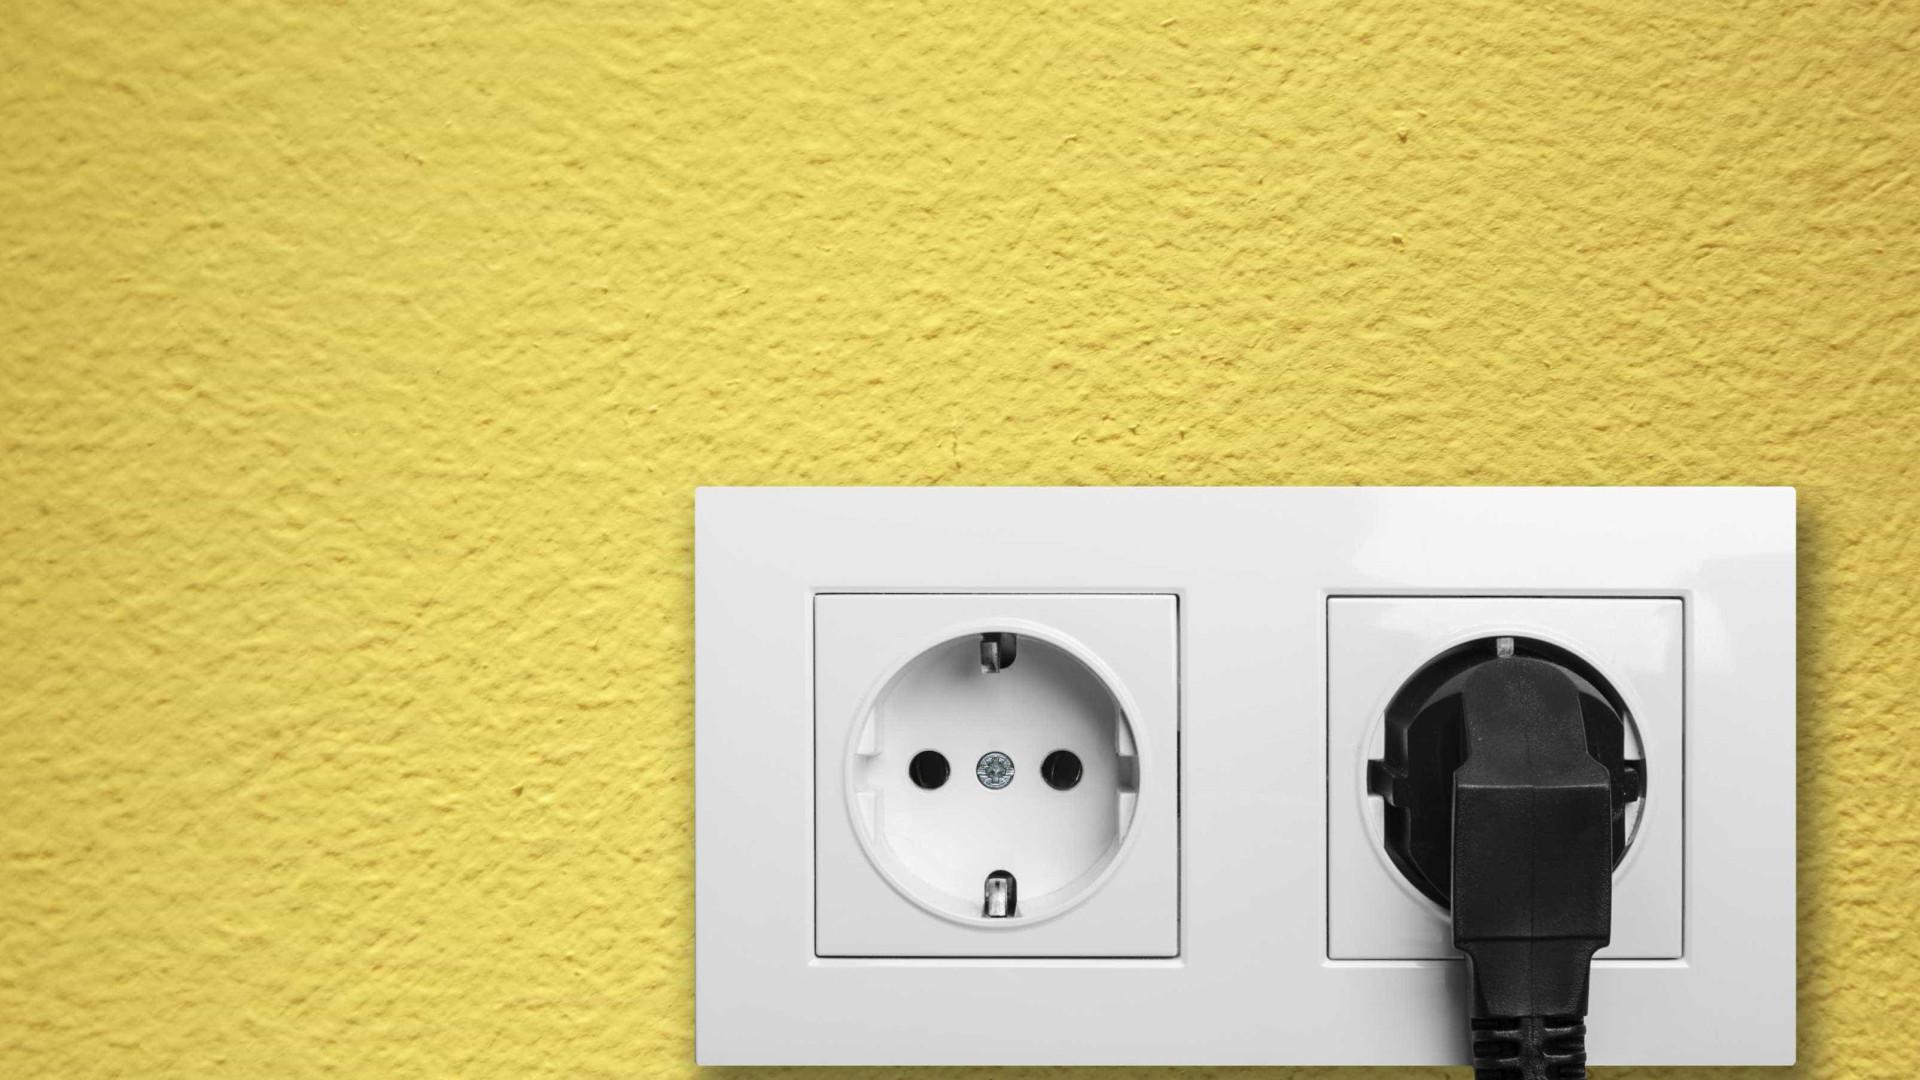 Galp Energia desce em média 0,18% tarifas da eletricidade em 2018